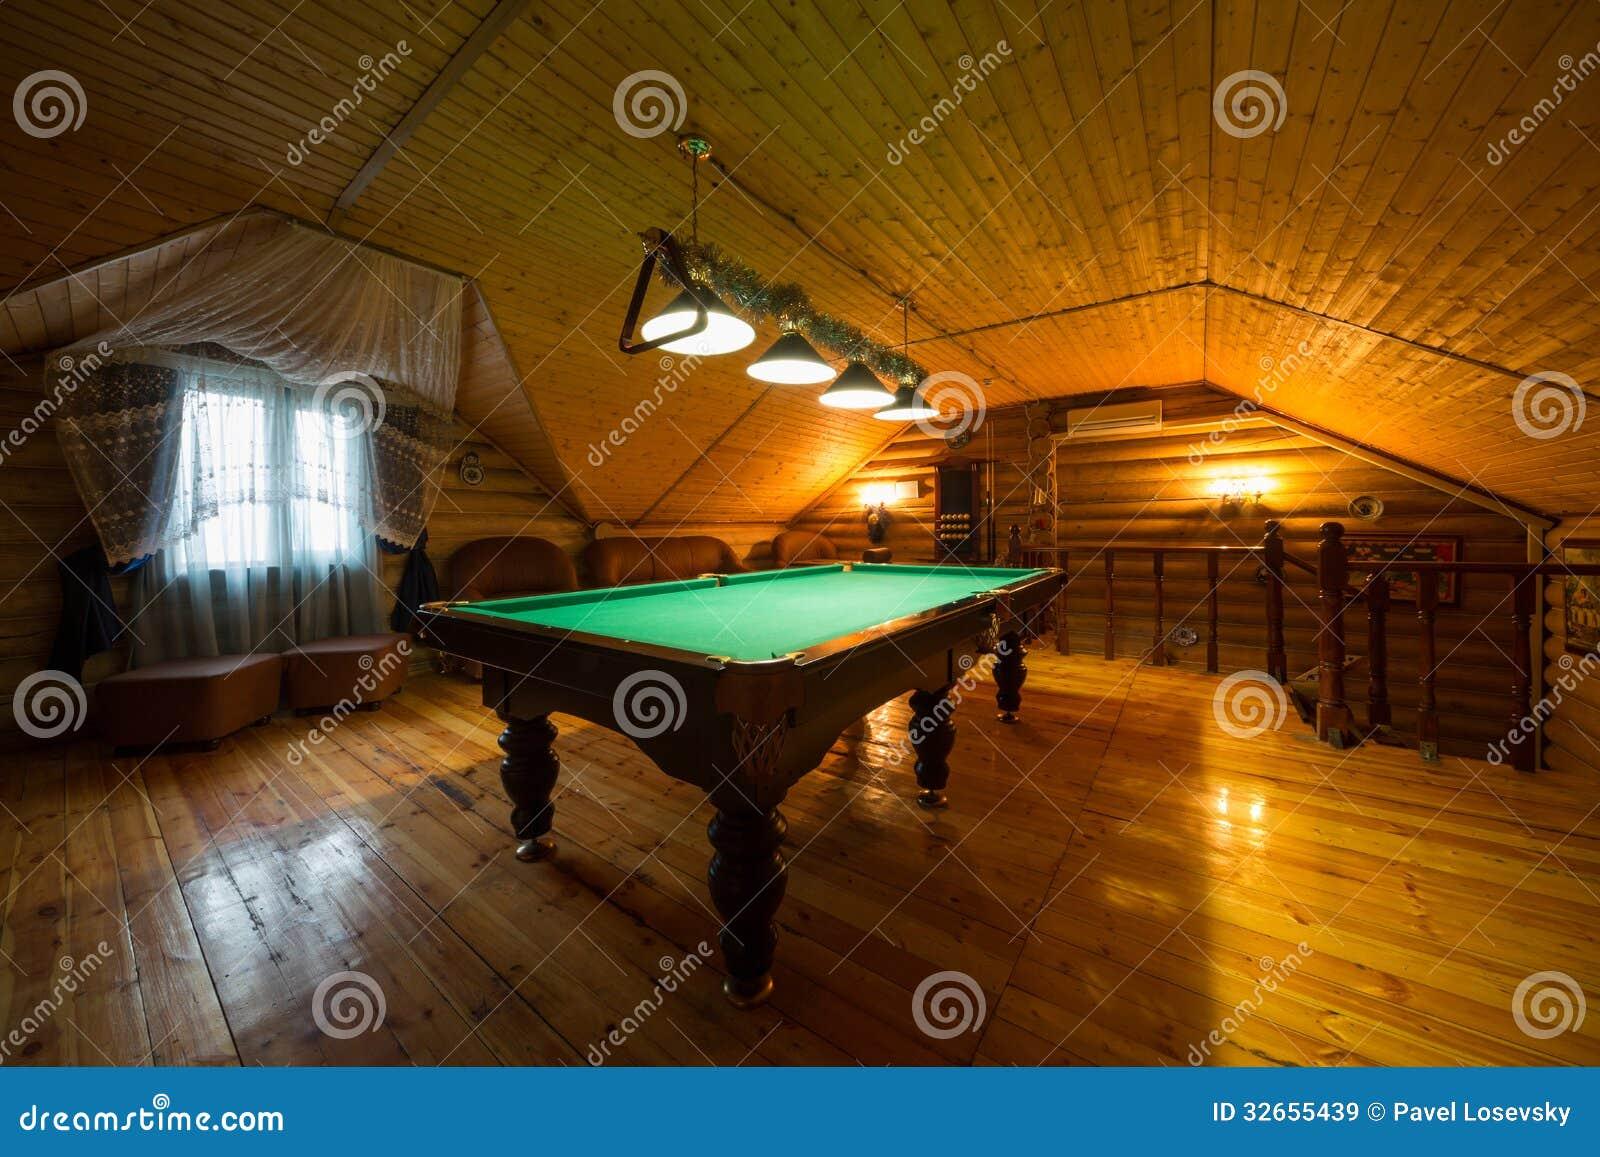 L 39 interno accogliente di una casa di campagna immagine for Interno di una casa